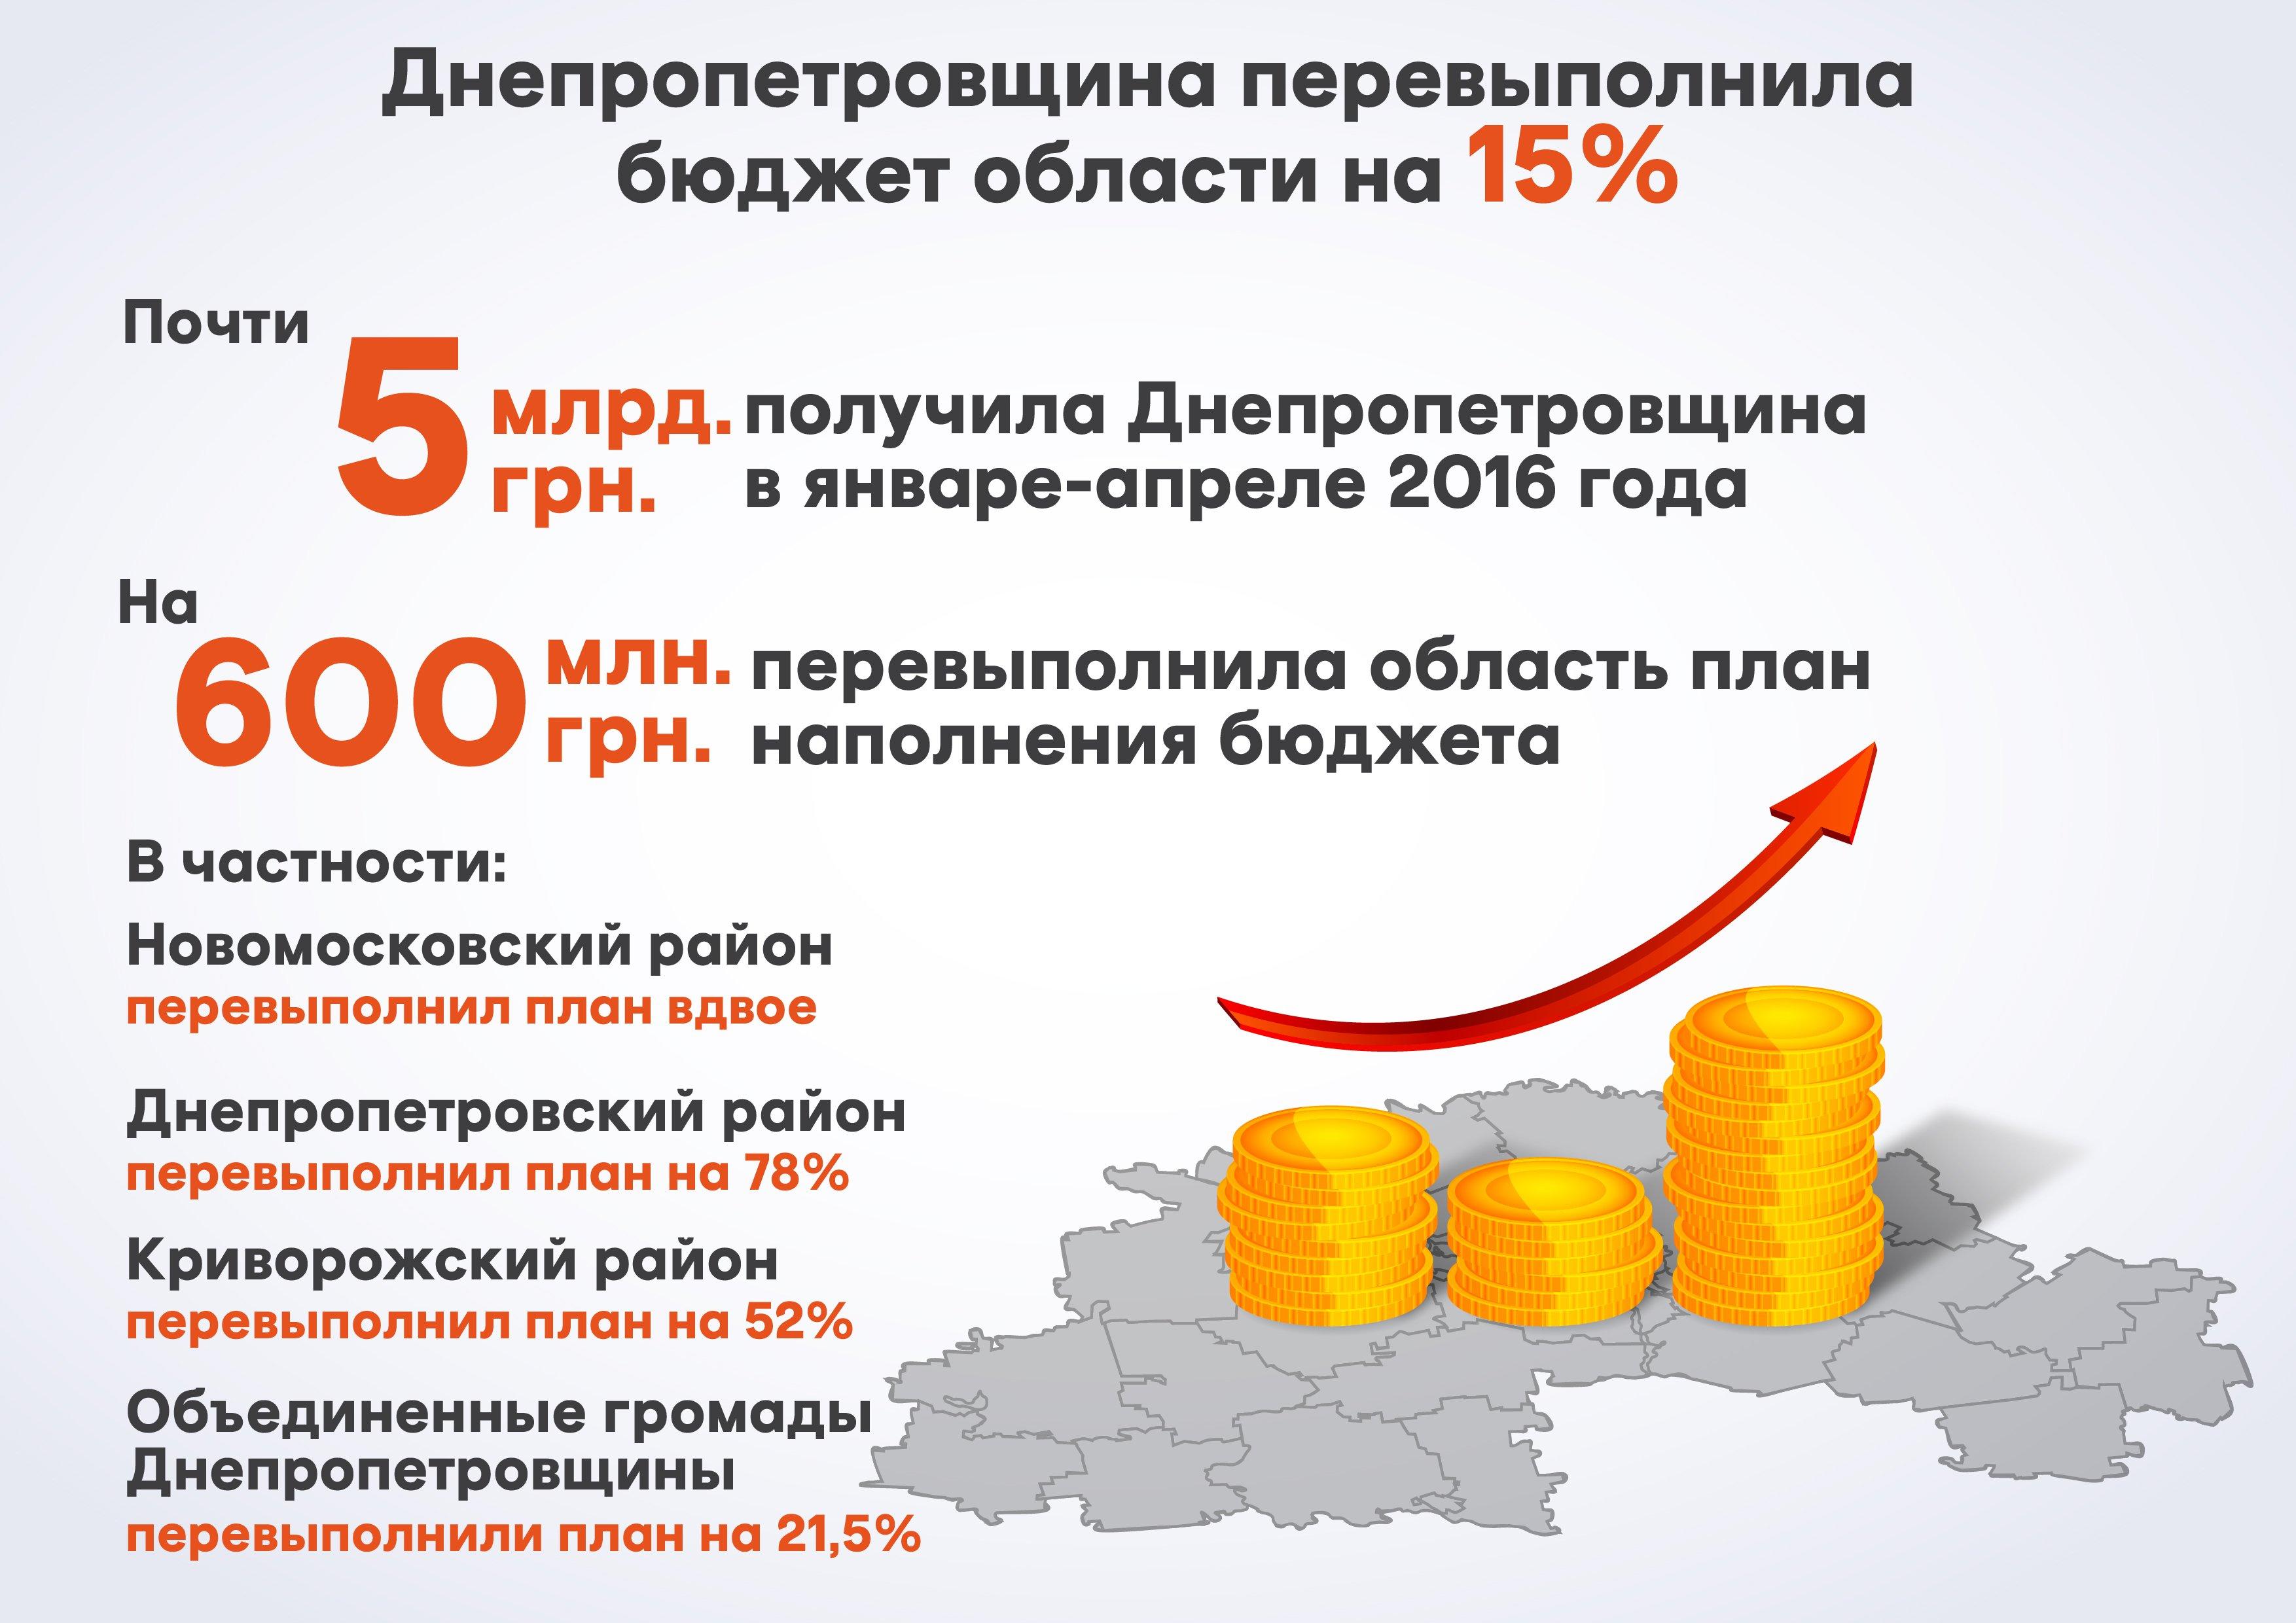 Бюджет_04.05.16_рус_01-01-1